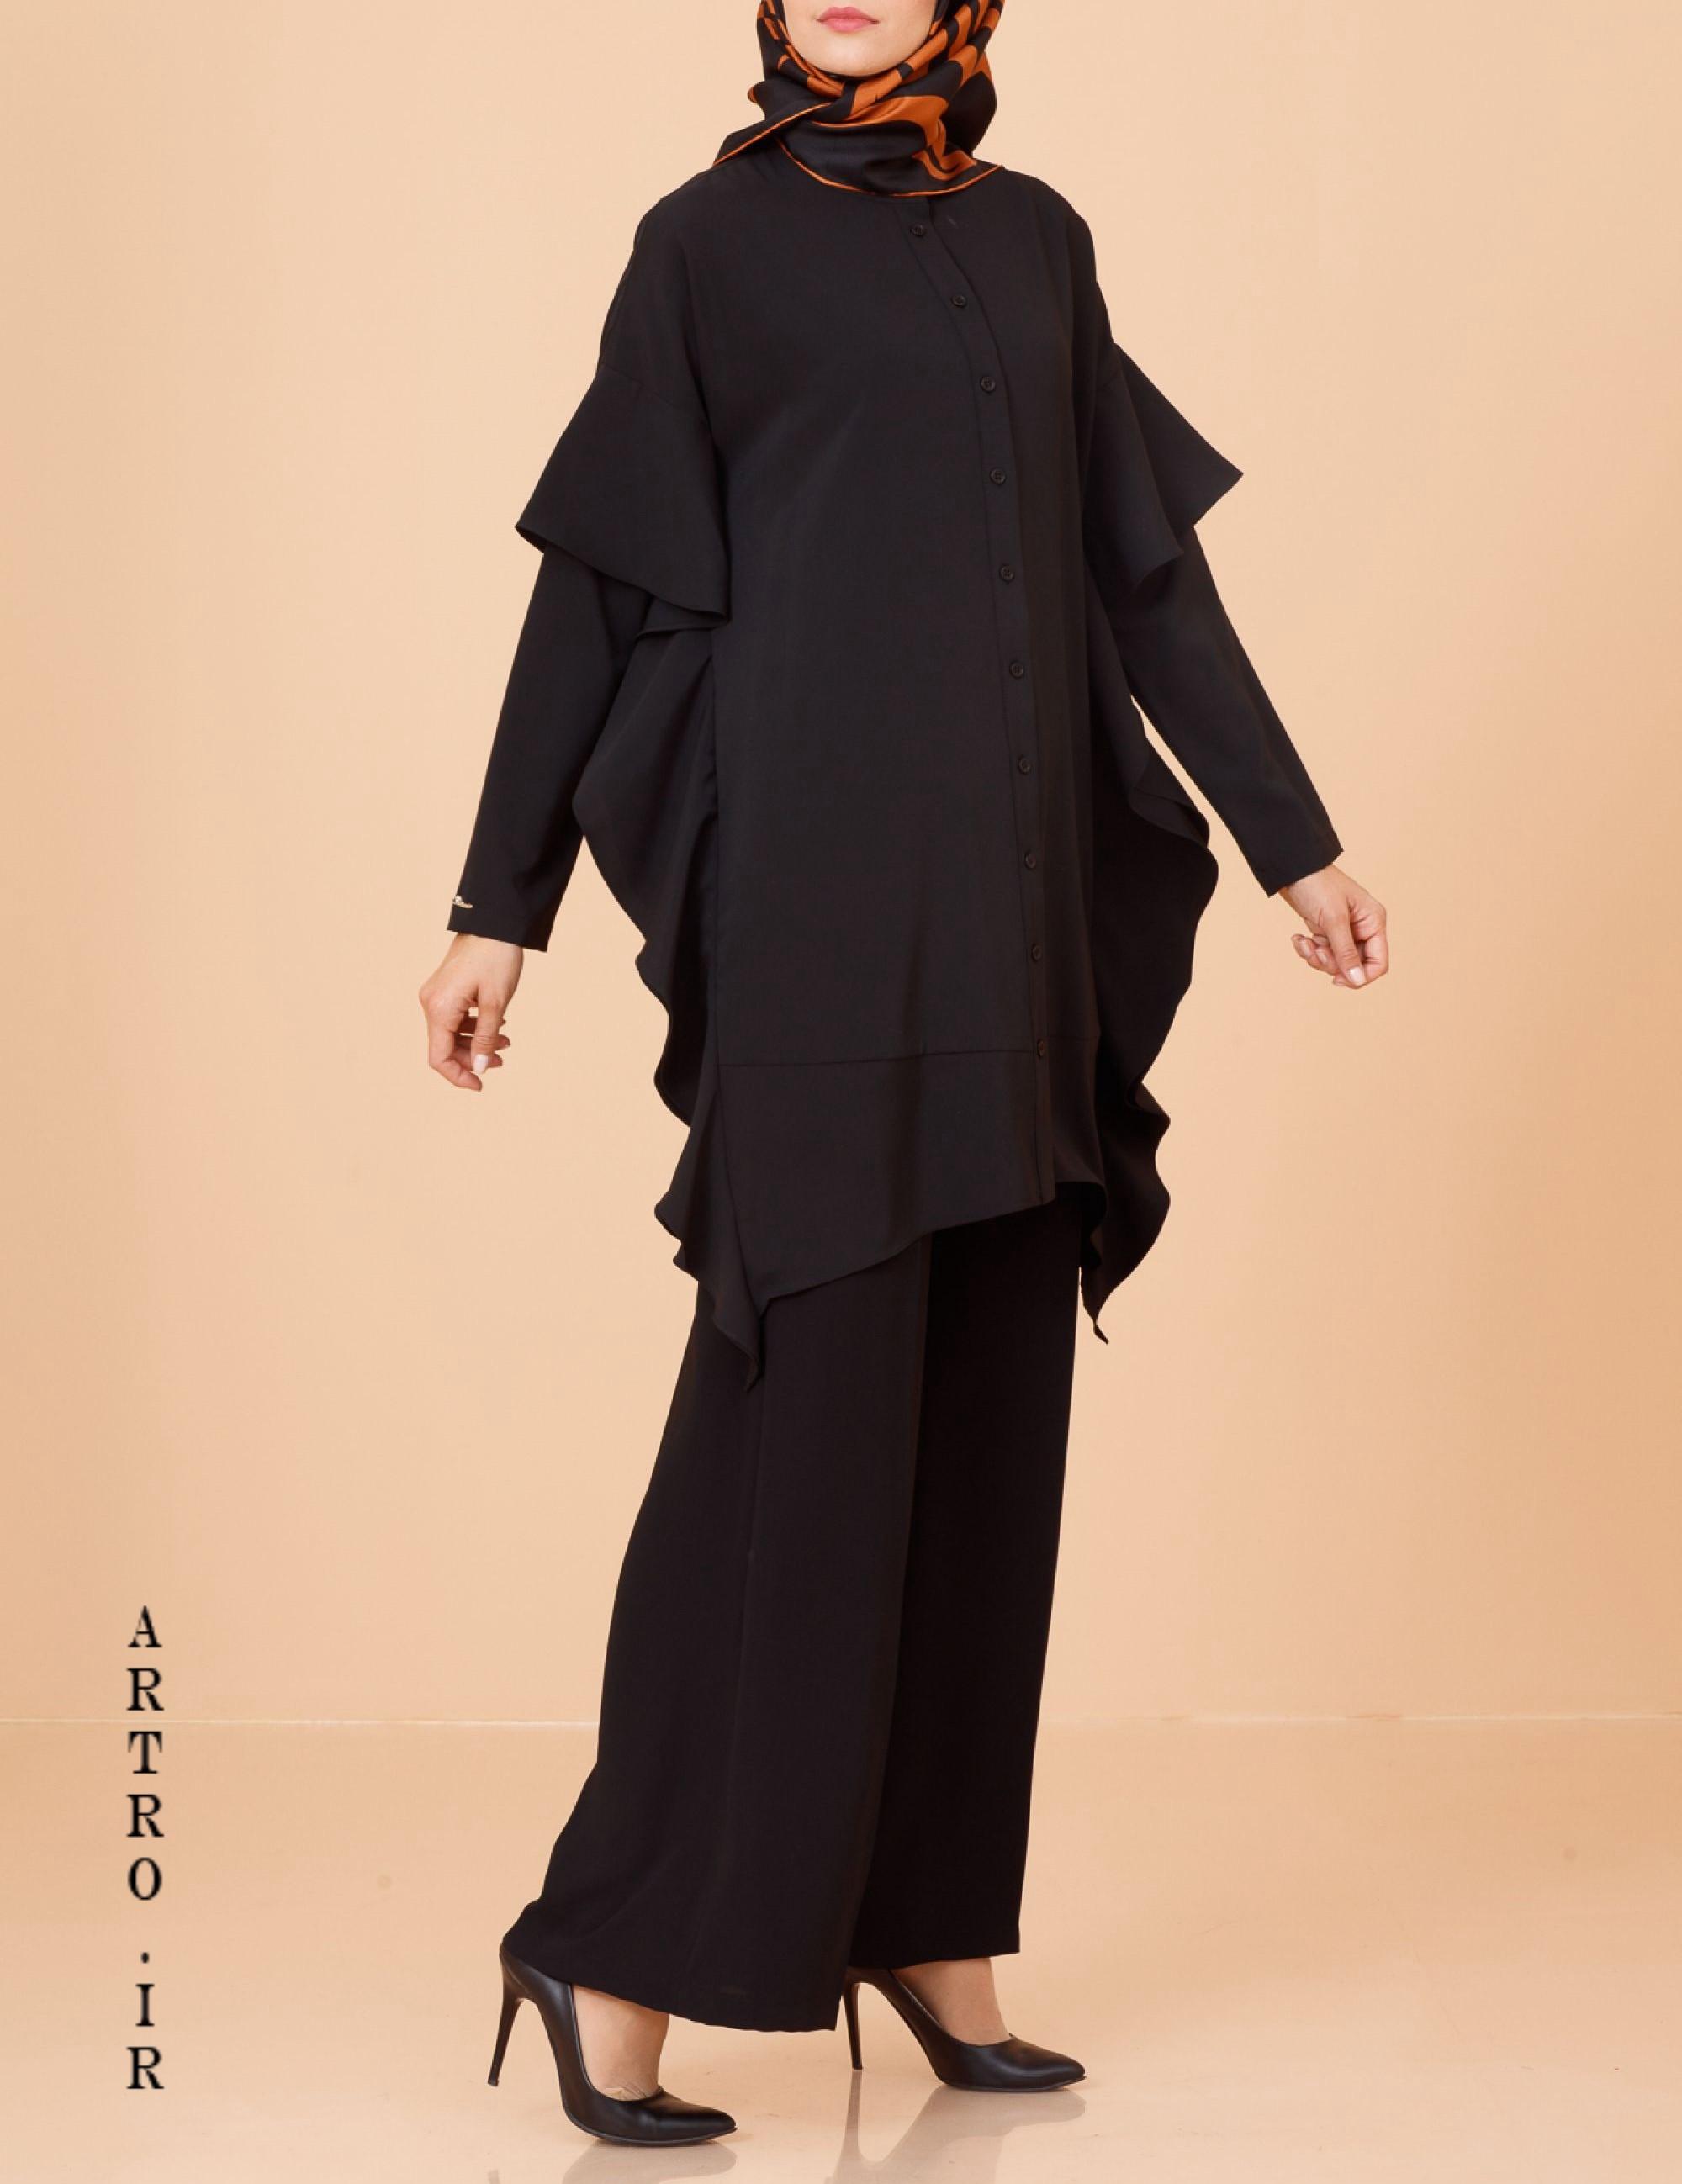 مدل مانتو عید خاص